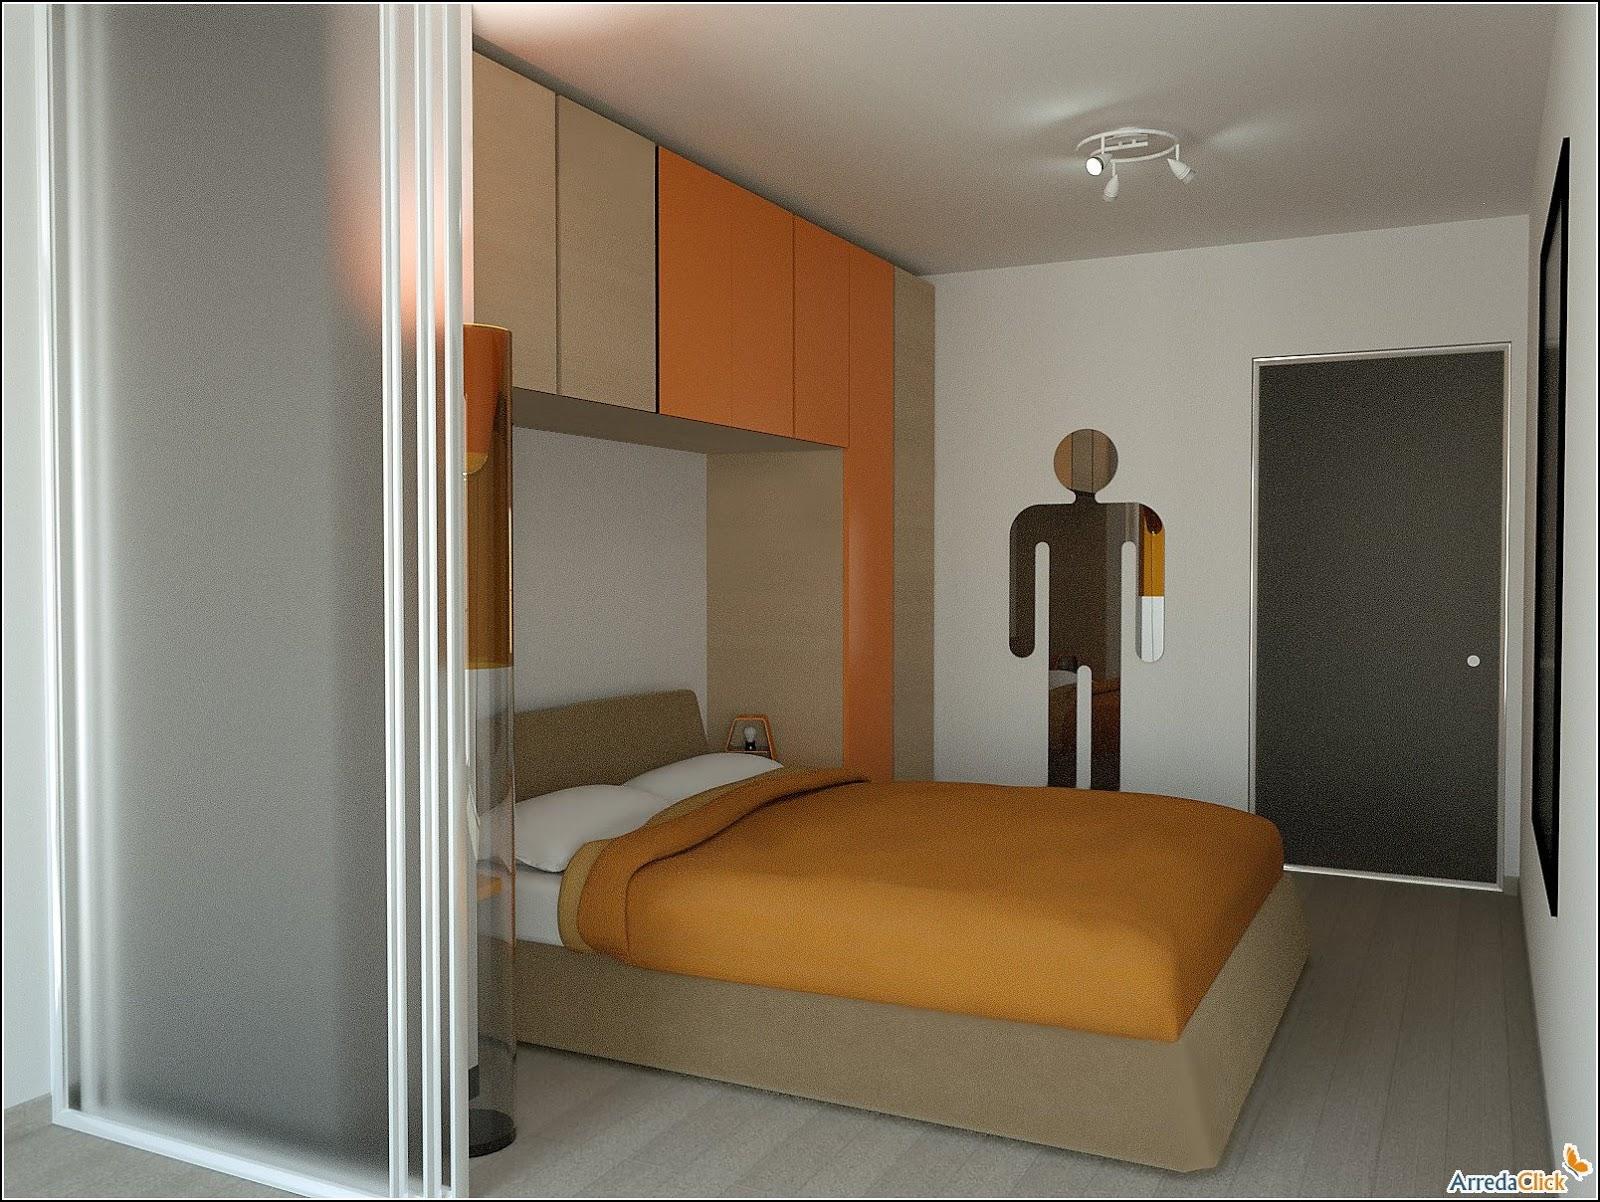 Arredaclick muebles italianos online amueblar - Amueblar dormitorio pequeno ...